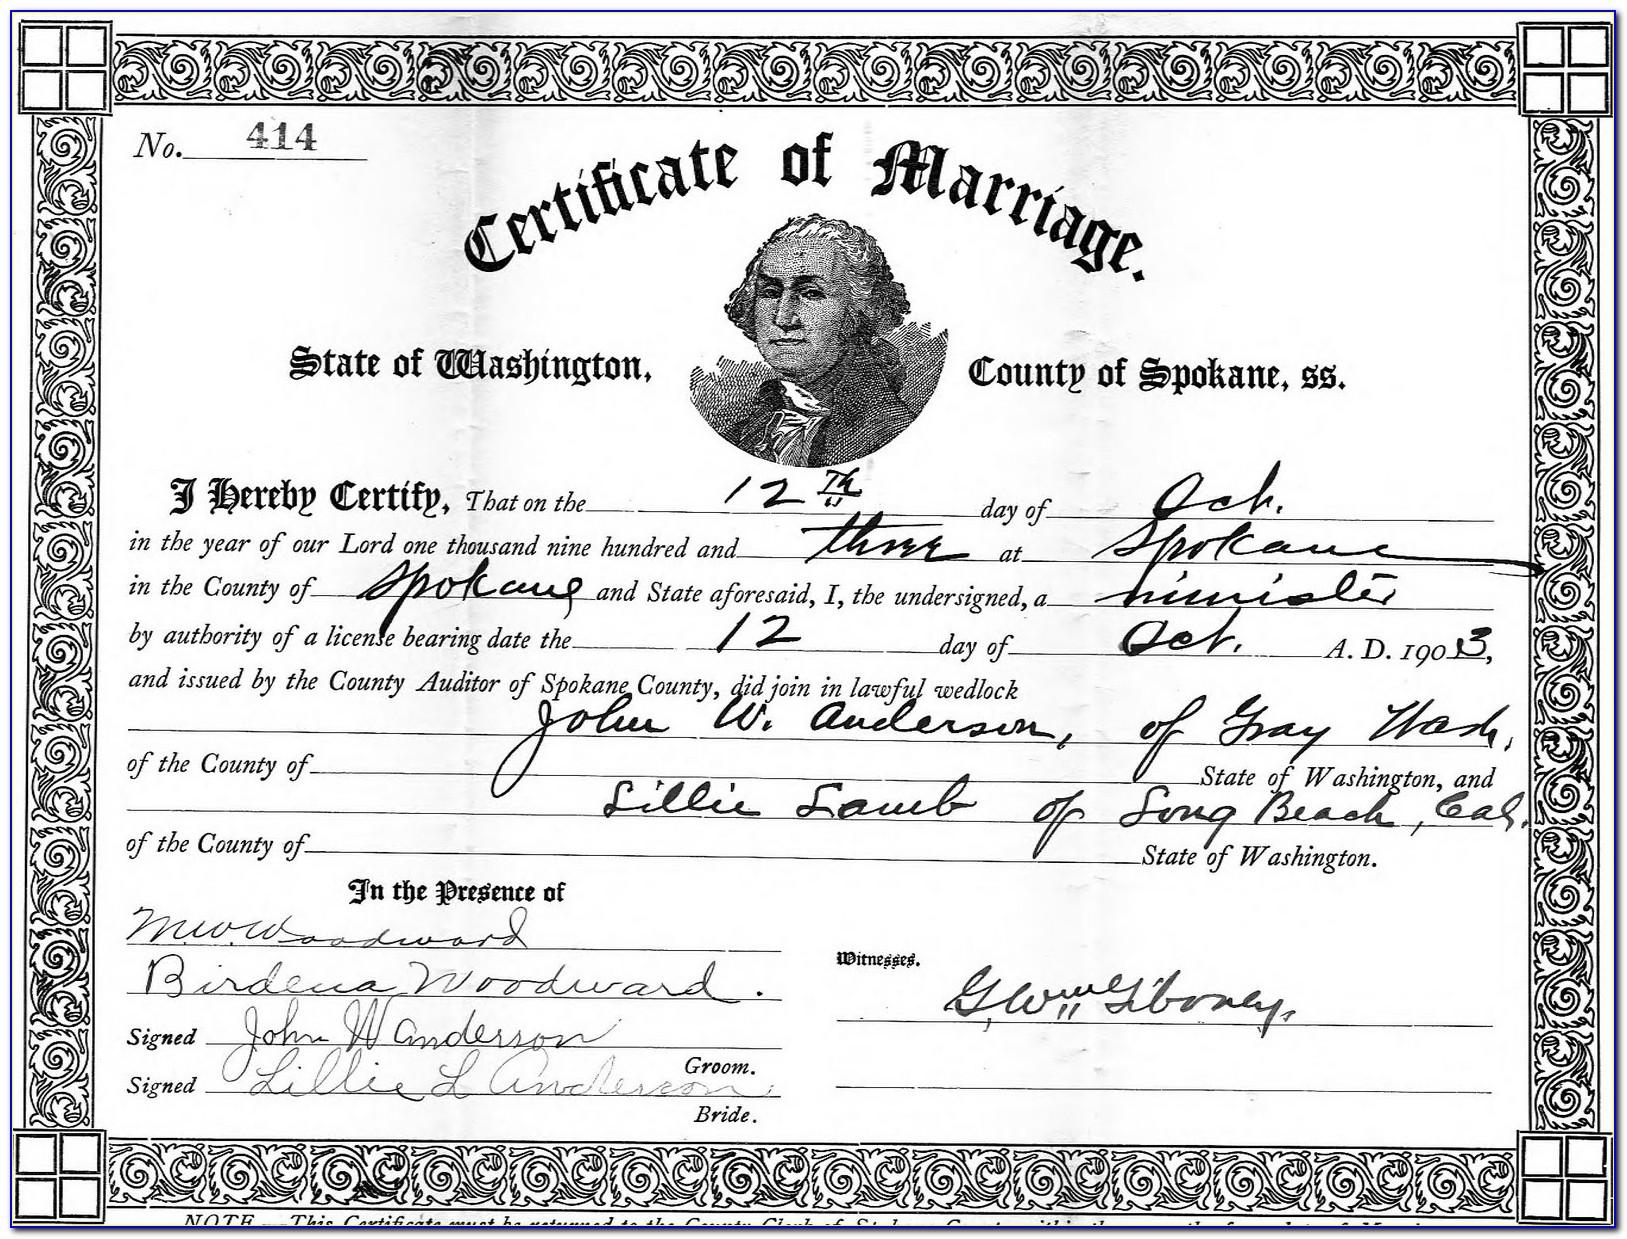 Monterey County Vital Records Birth Certificate